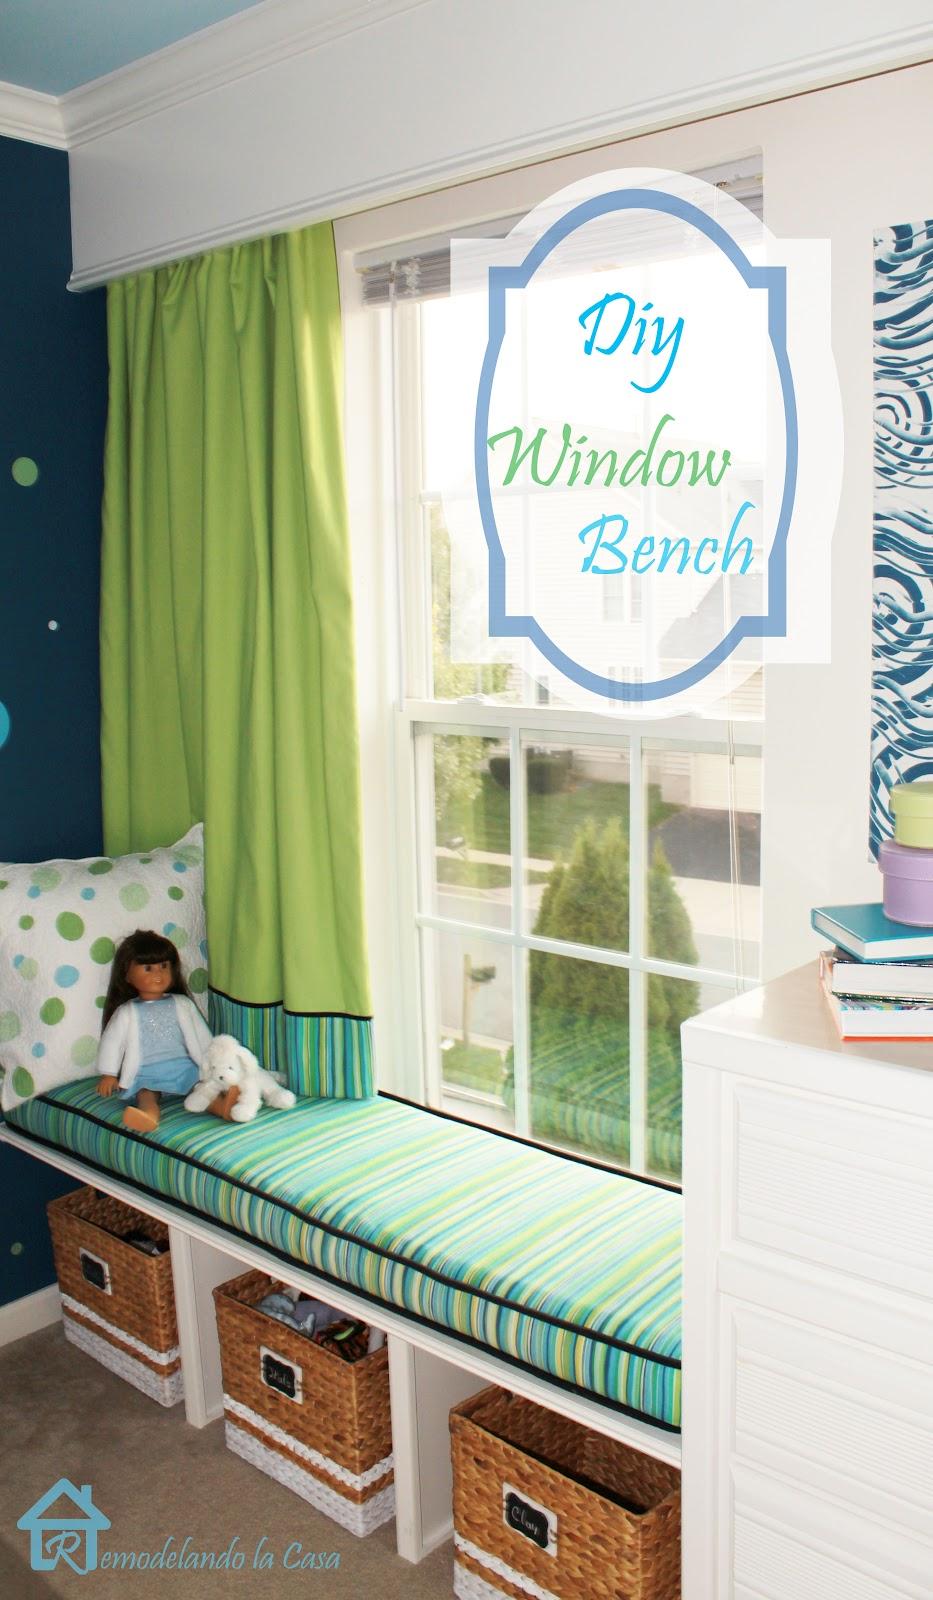 diy window bench remodelando la casa. Black Bedroom Furniture Sets. Home Design Ideas